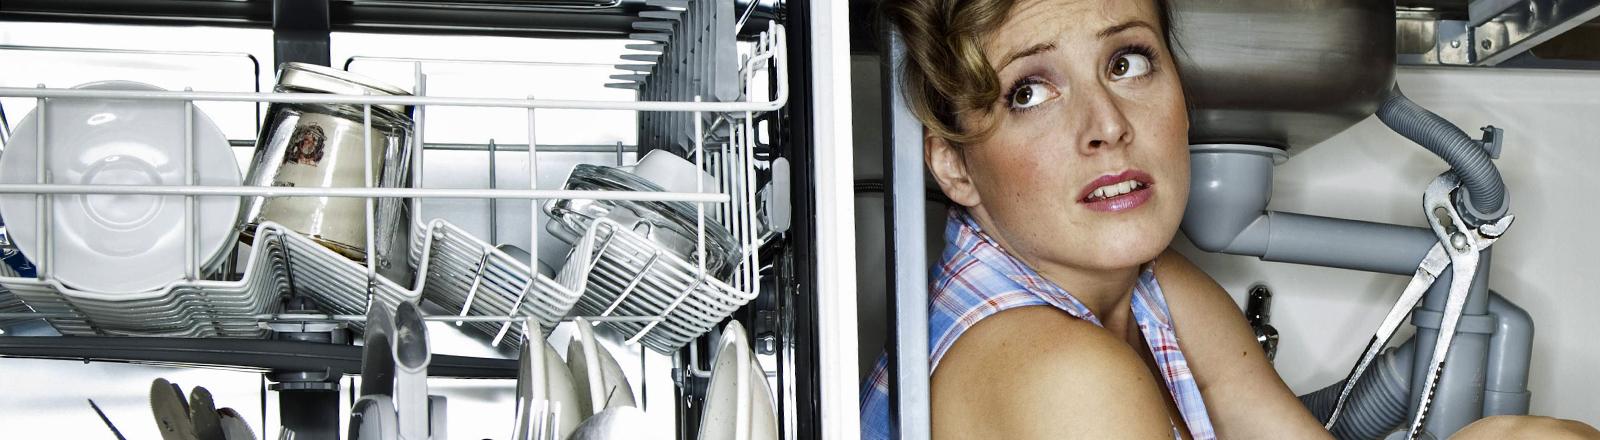 Eine Frau verzweifelt an der Waschmaschine.